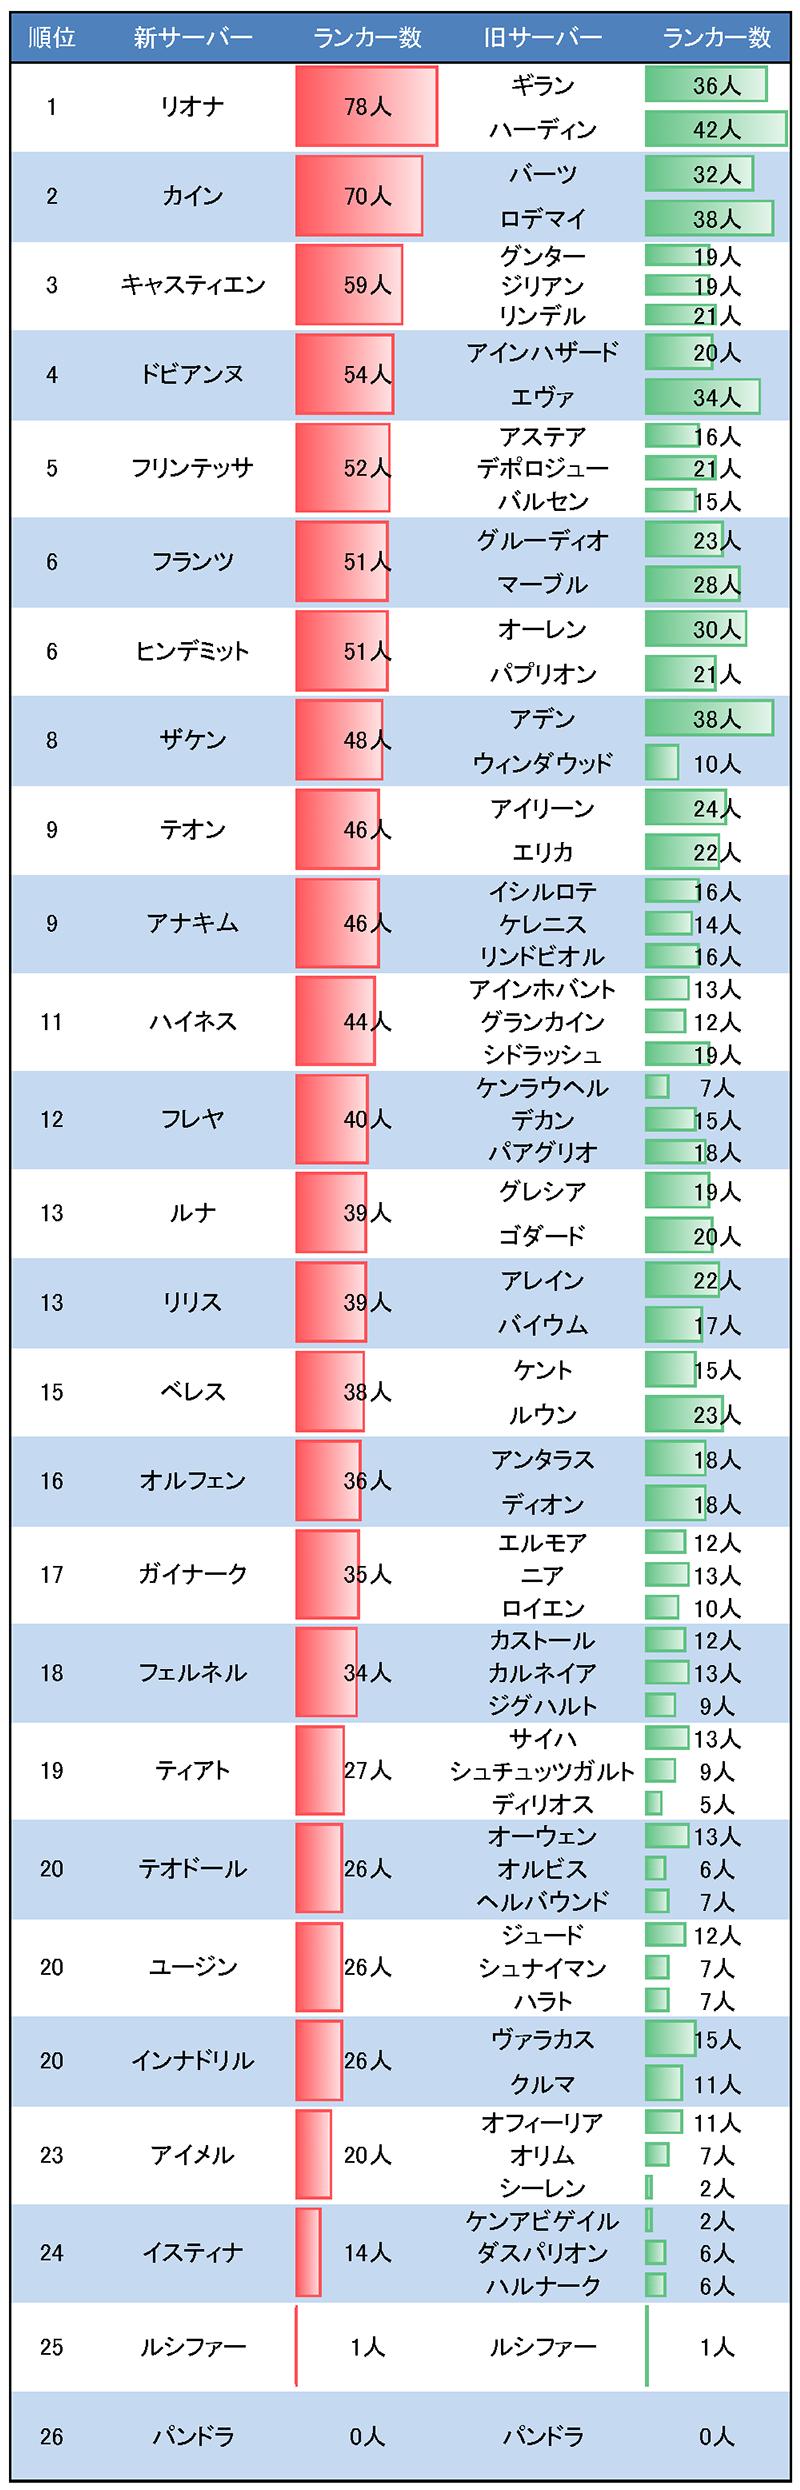 統合サーバーランキング(キャラクター編)